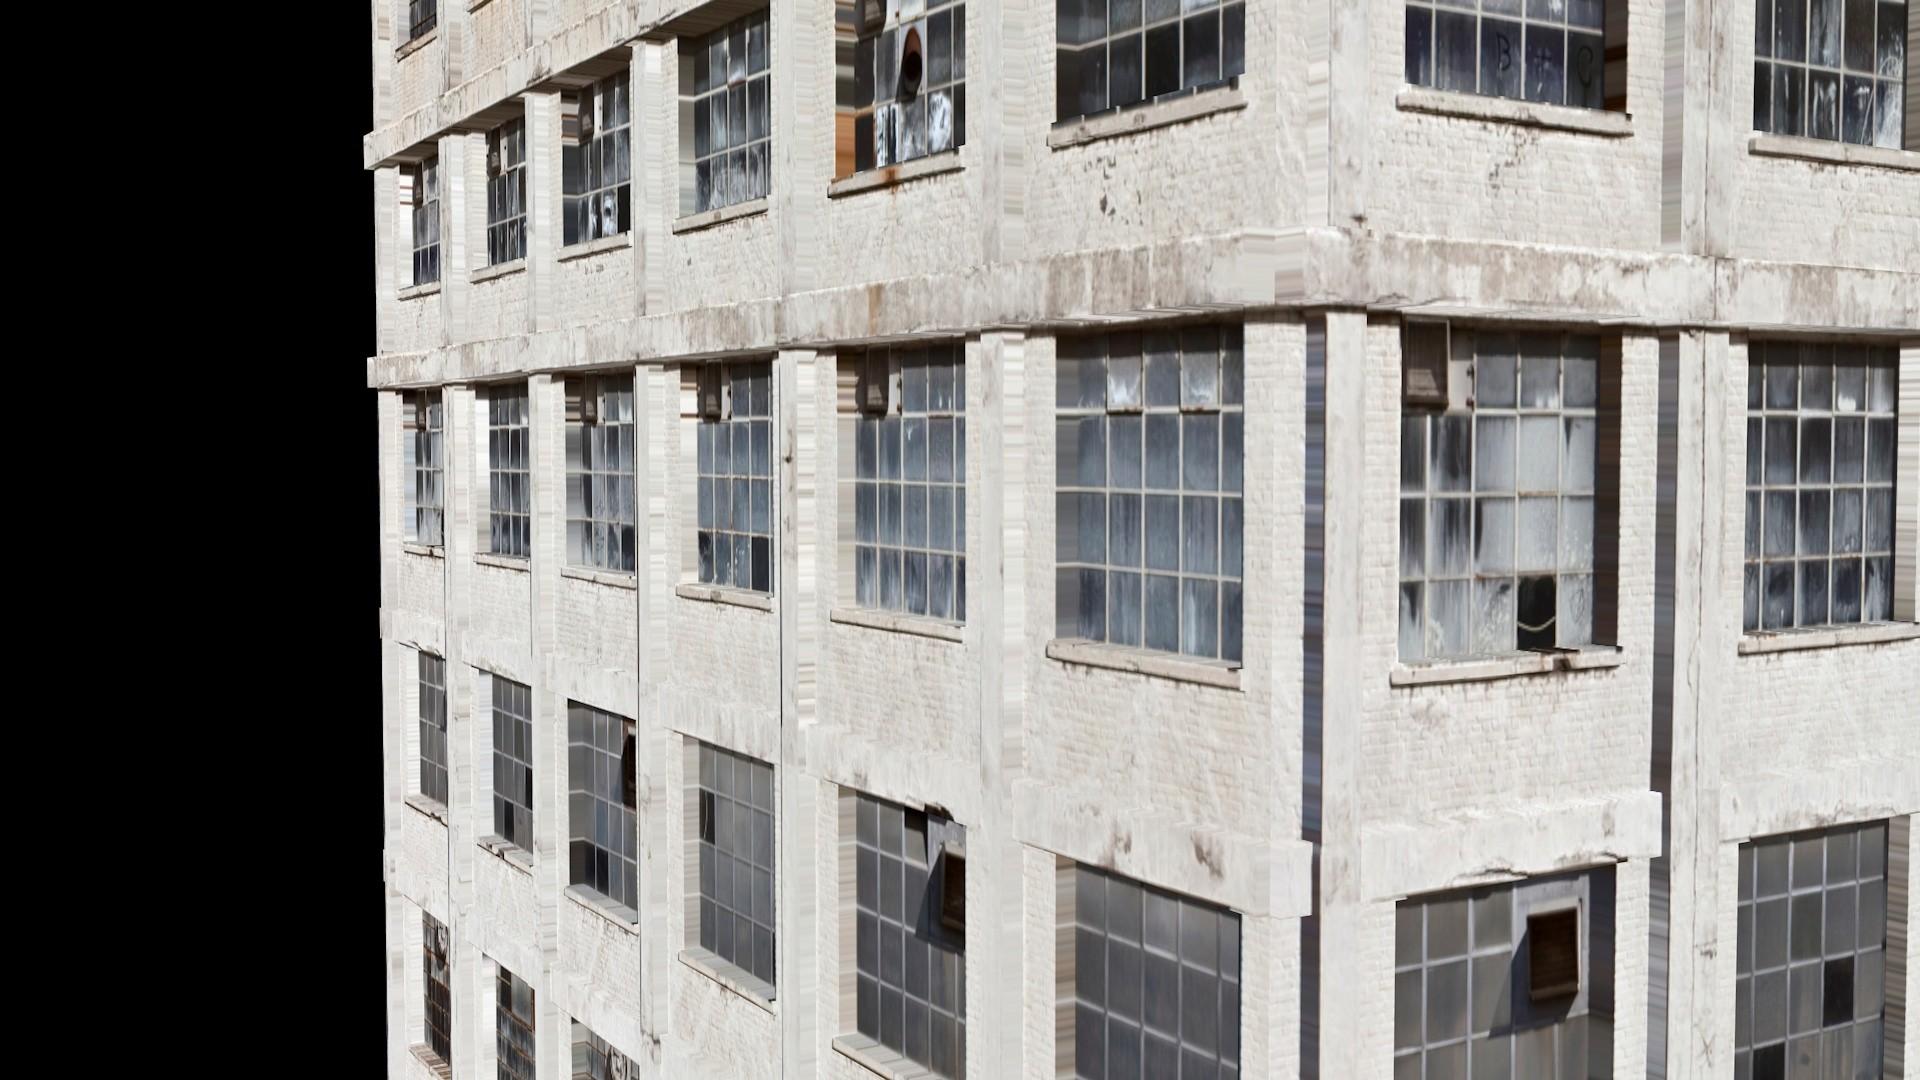 Tuto mod liser un immeuble en low poly avec cinema 4d 17 - Egerie formation gardien d immeuble ...